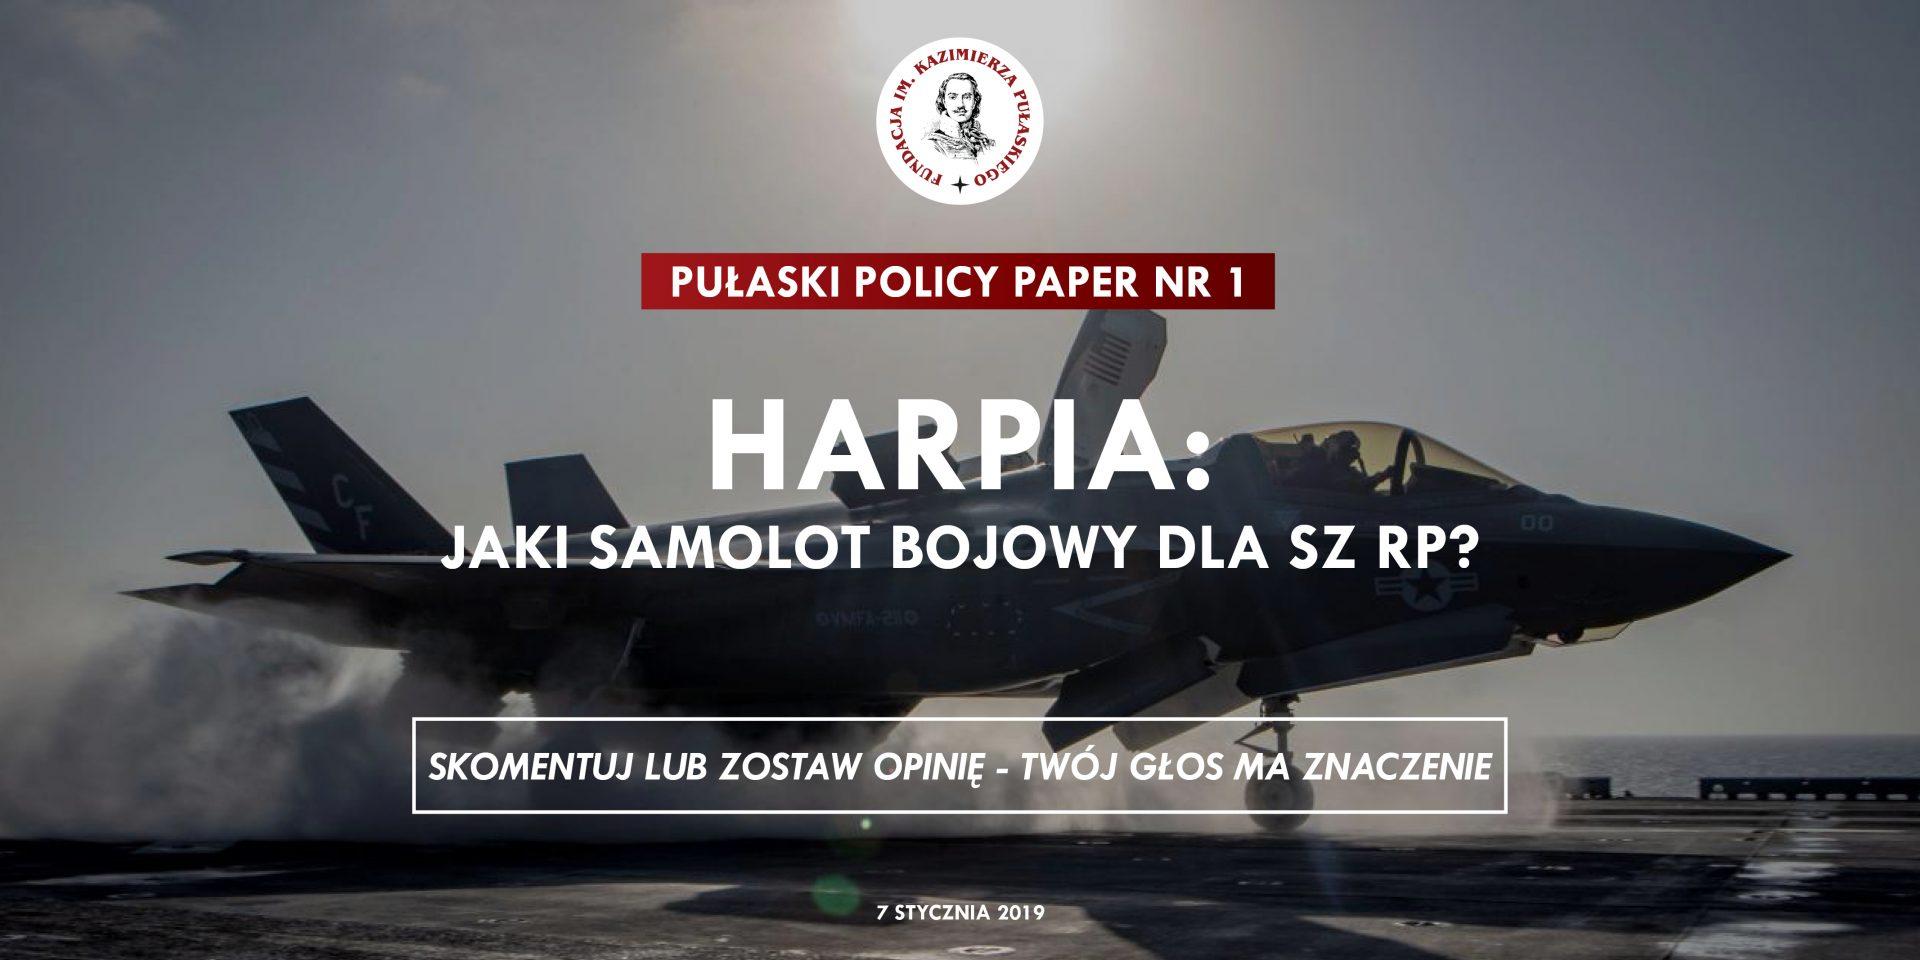 PULASKI POLICY PAPER – M. Szopa: Harpia: jaki samolot bojowy dla SZ RP?